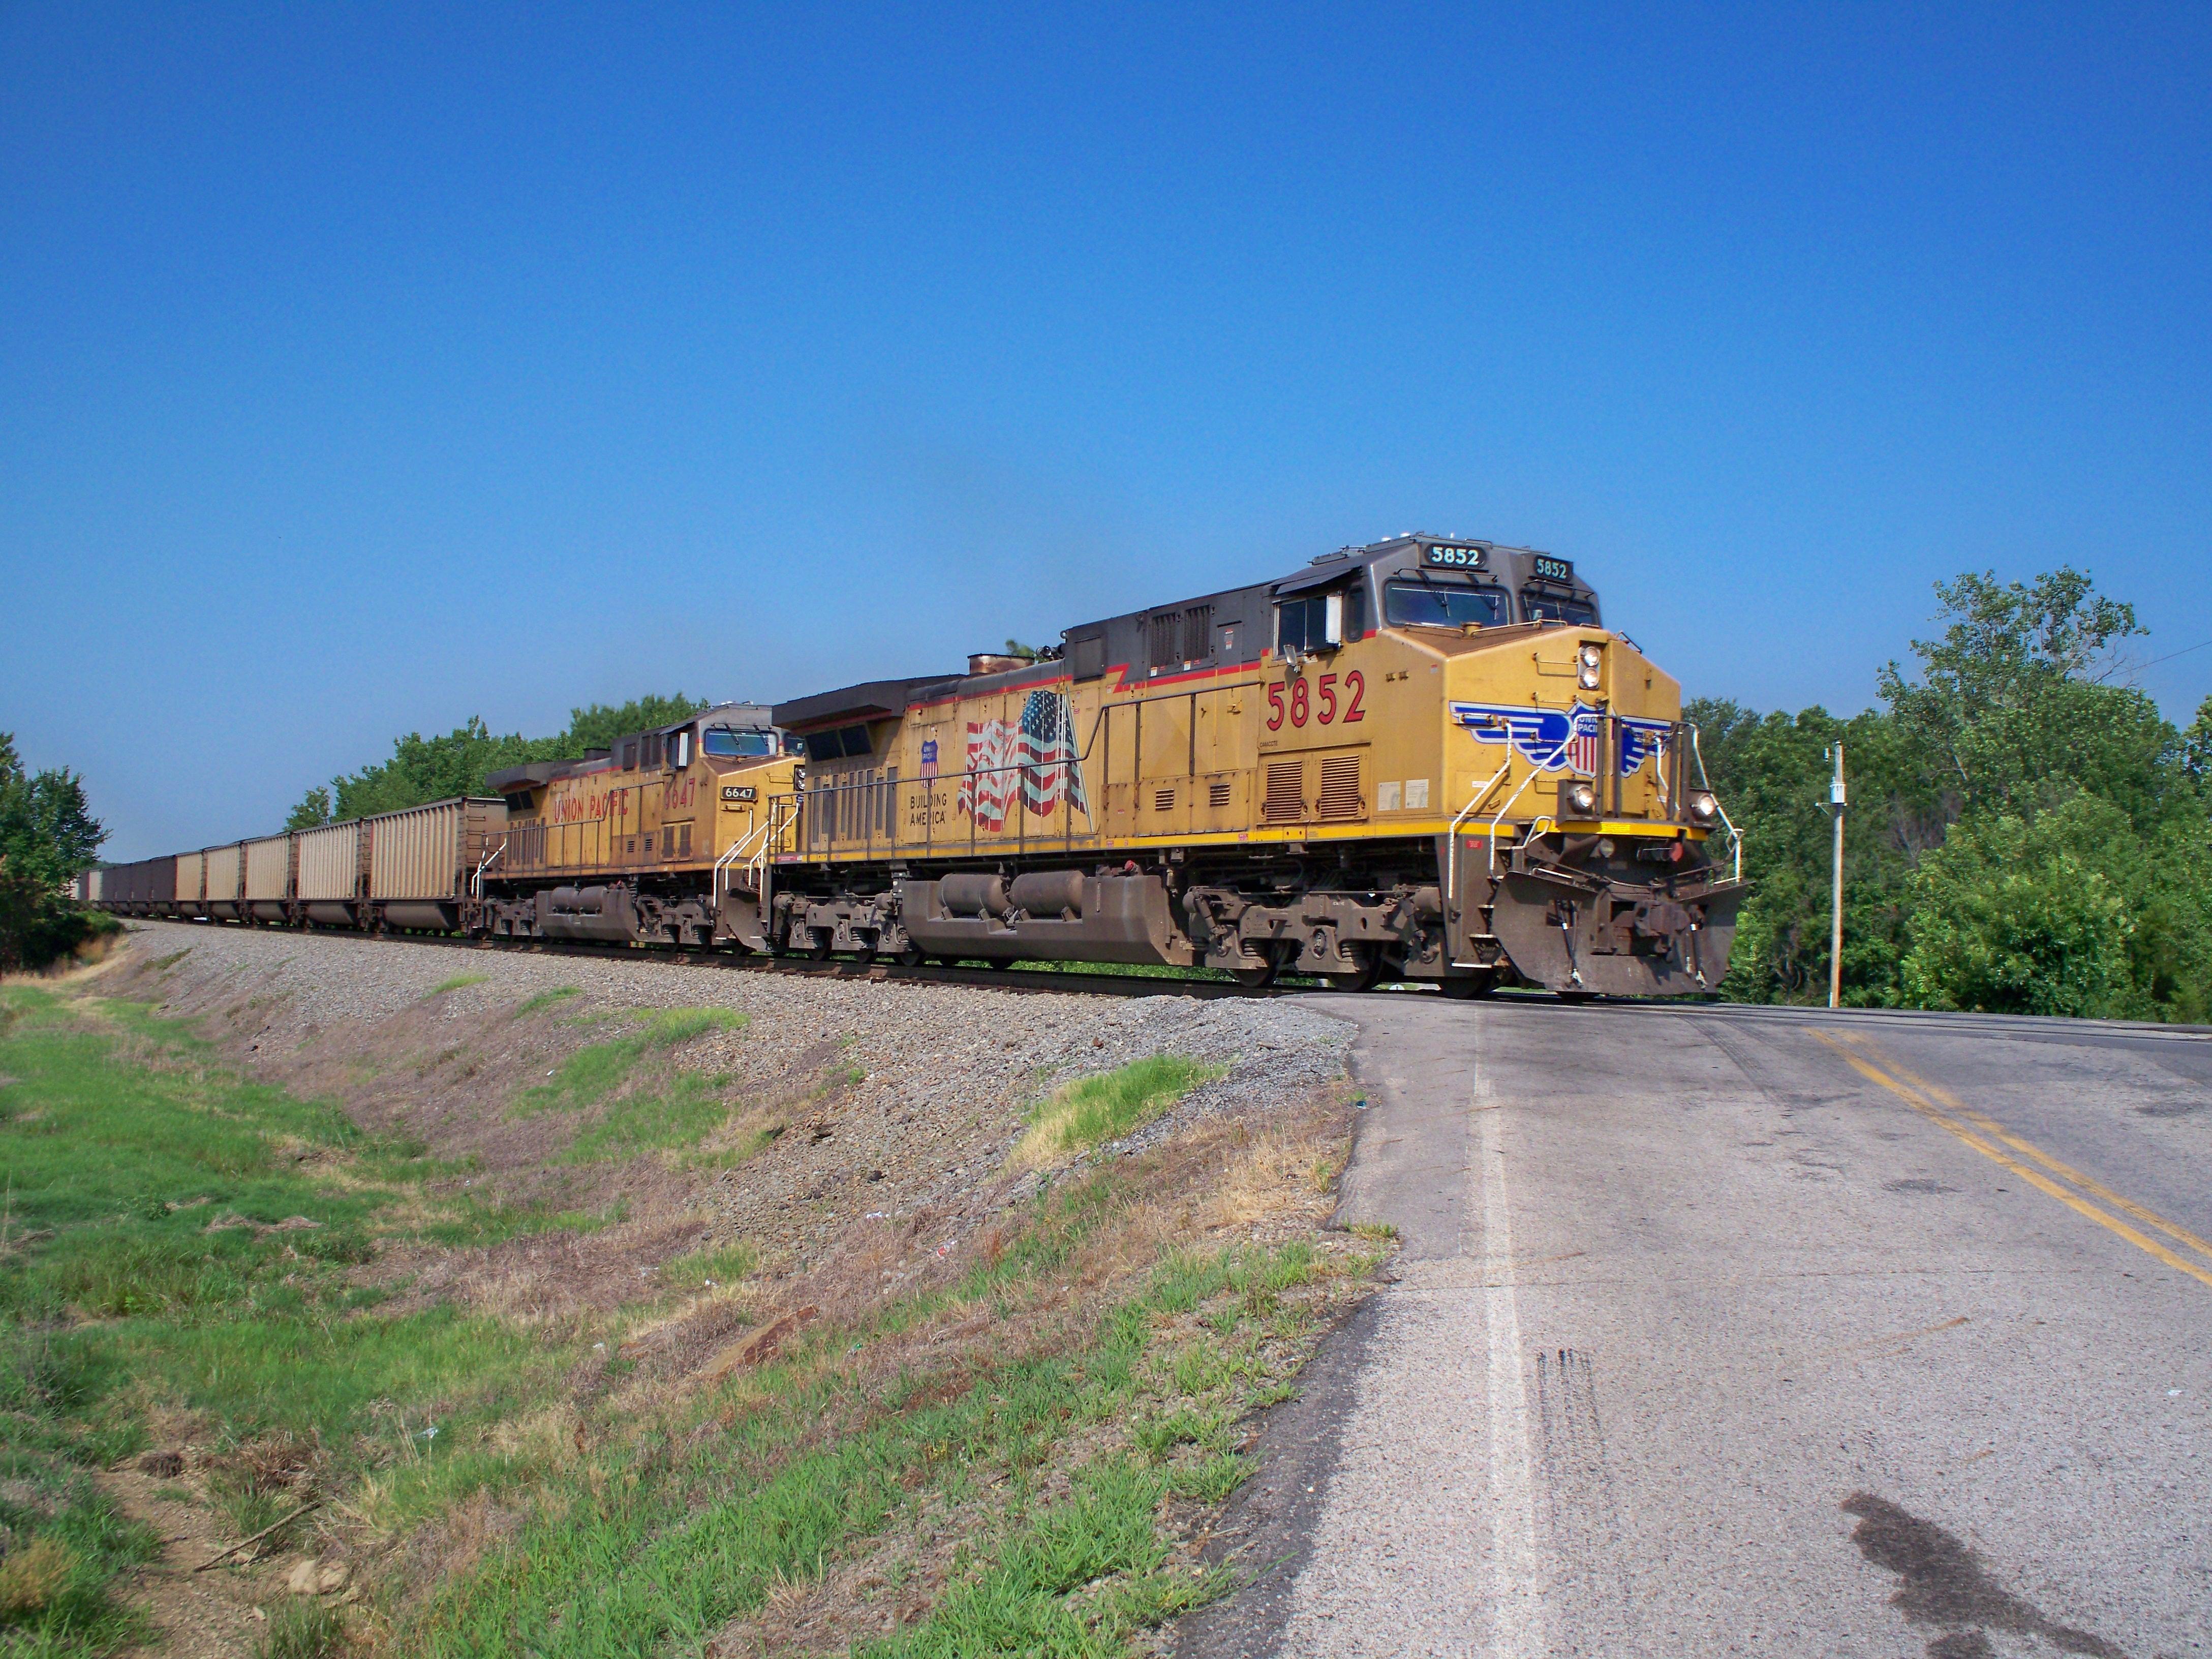 Union Pacific 5852 crossing Hilltop road just East of Van Buren Saturday June 23 2012